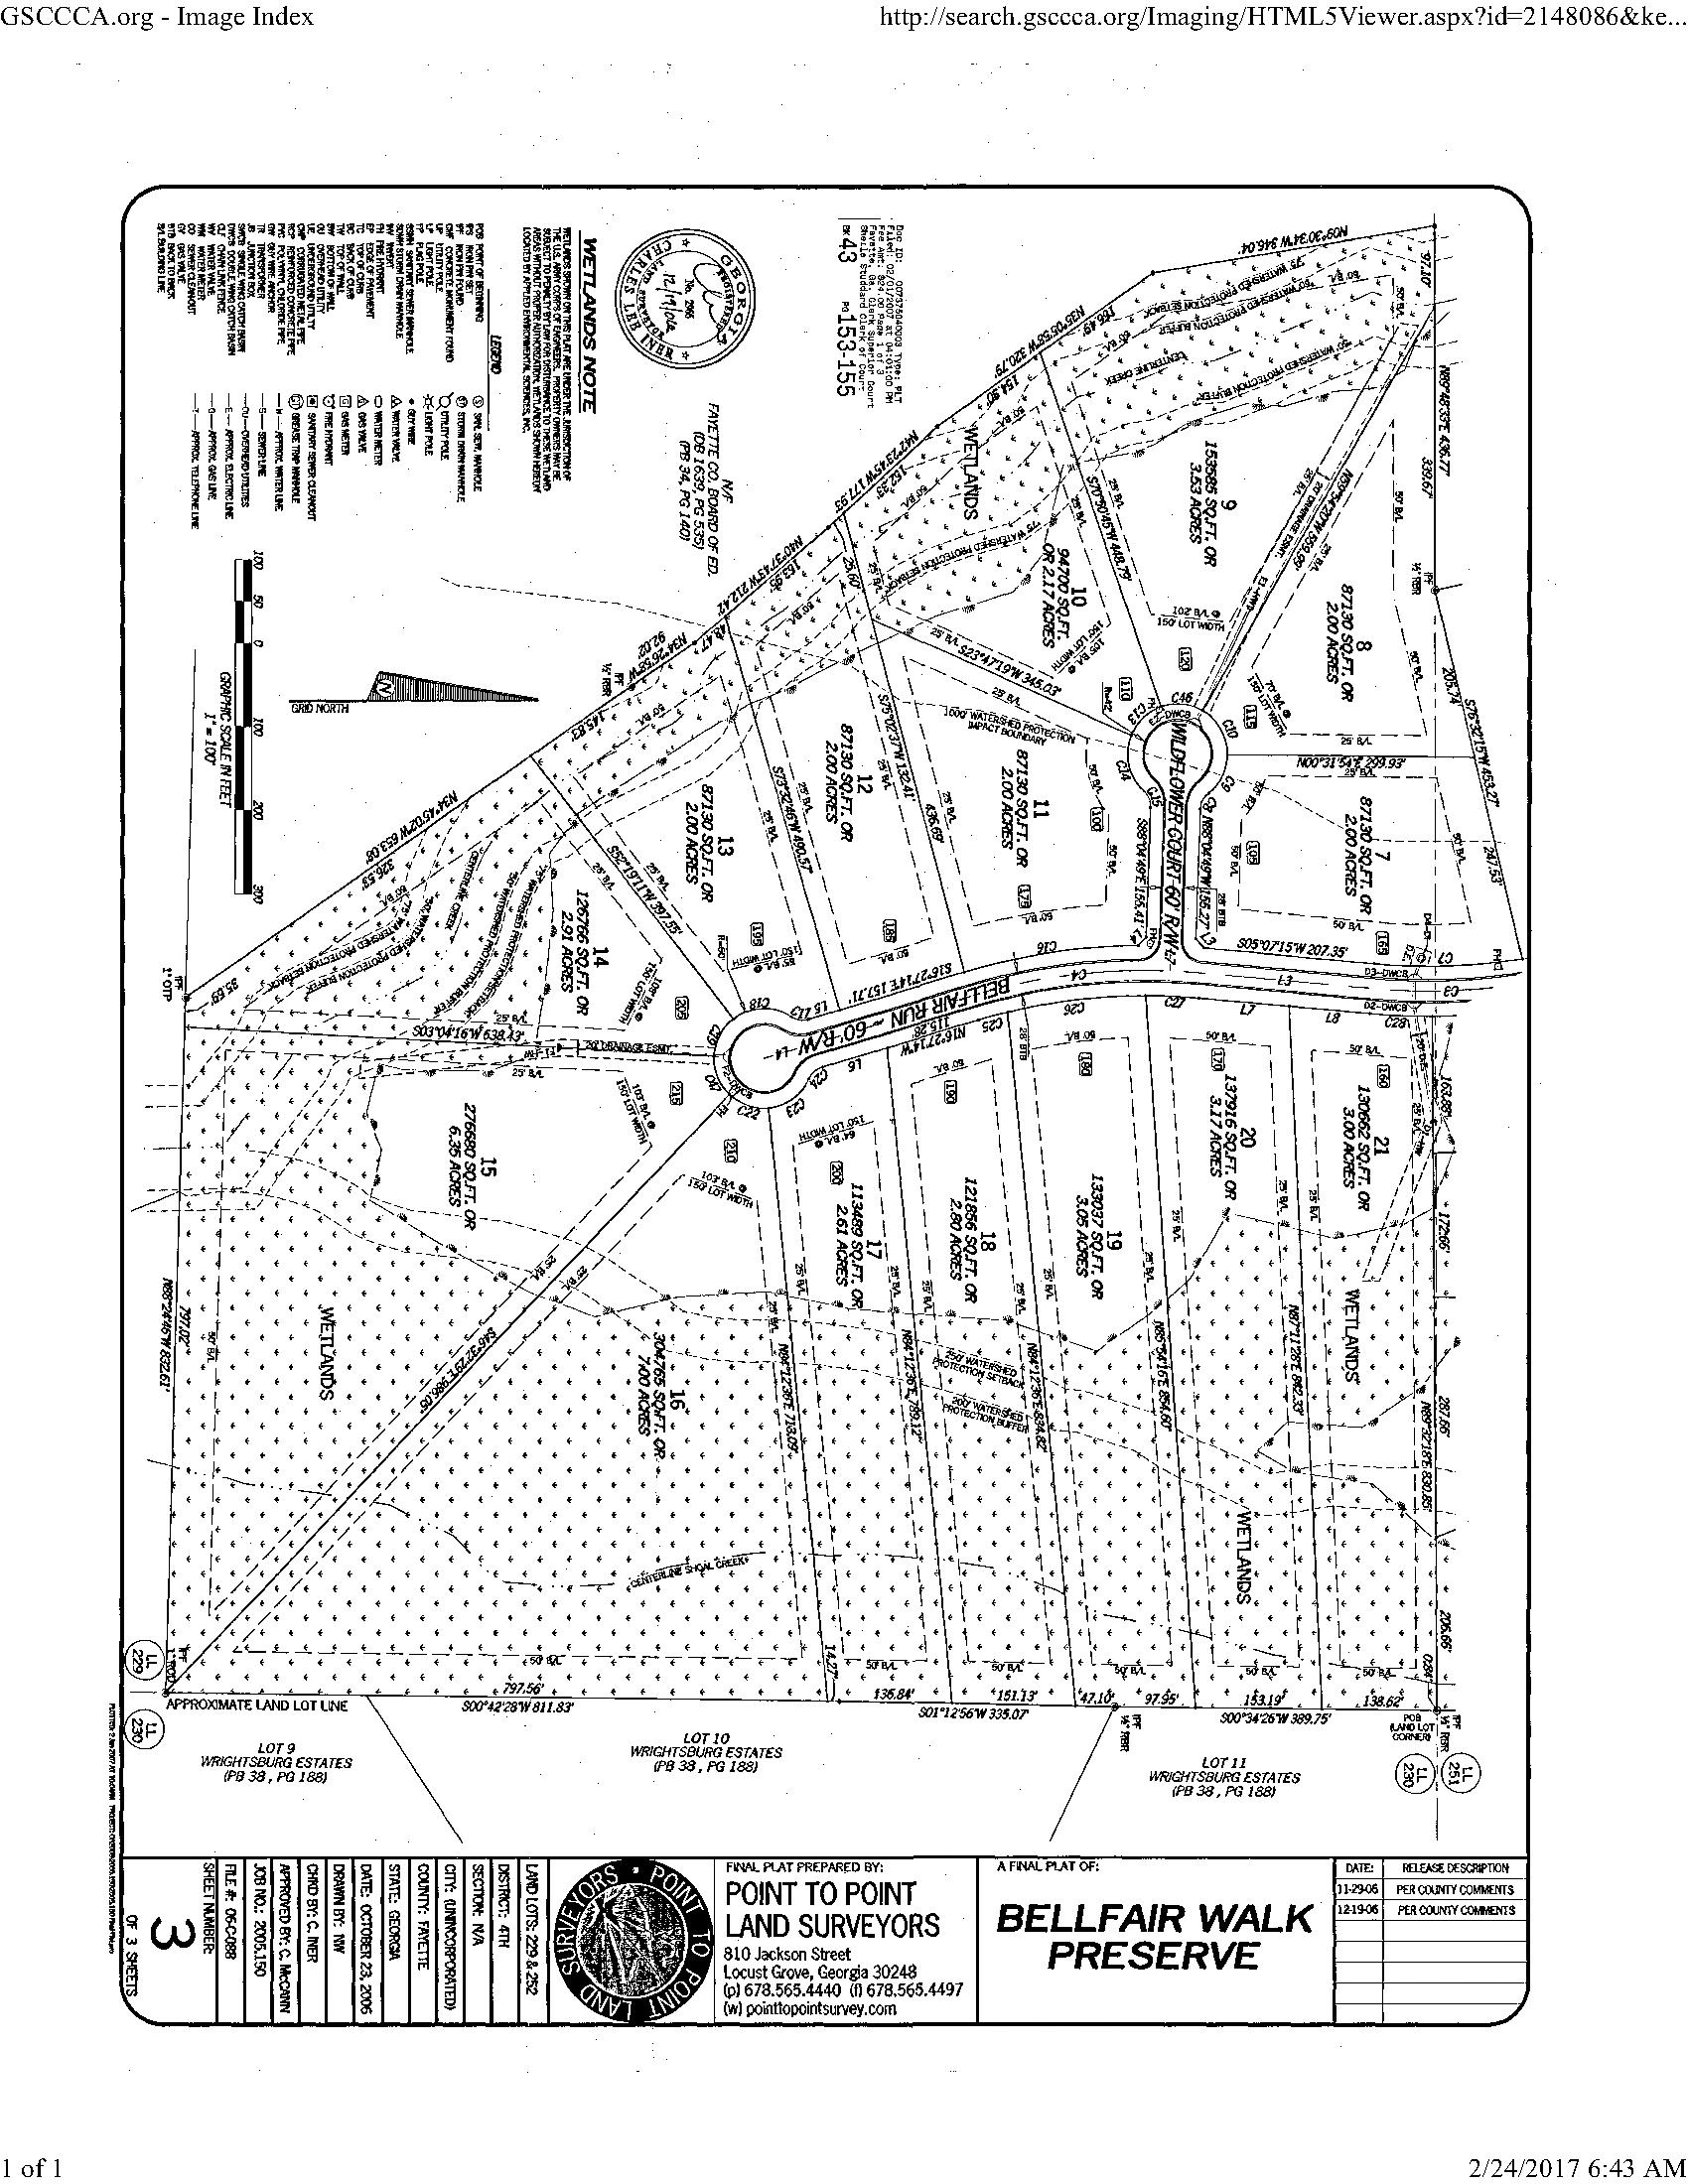 03.11.17 - Bellfair Walk Package_7.jpg